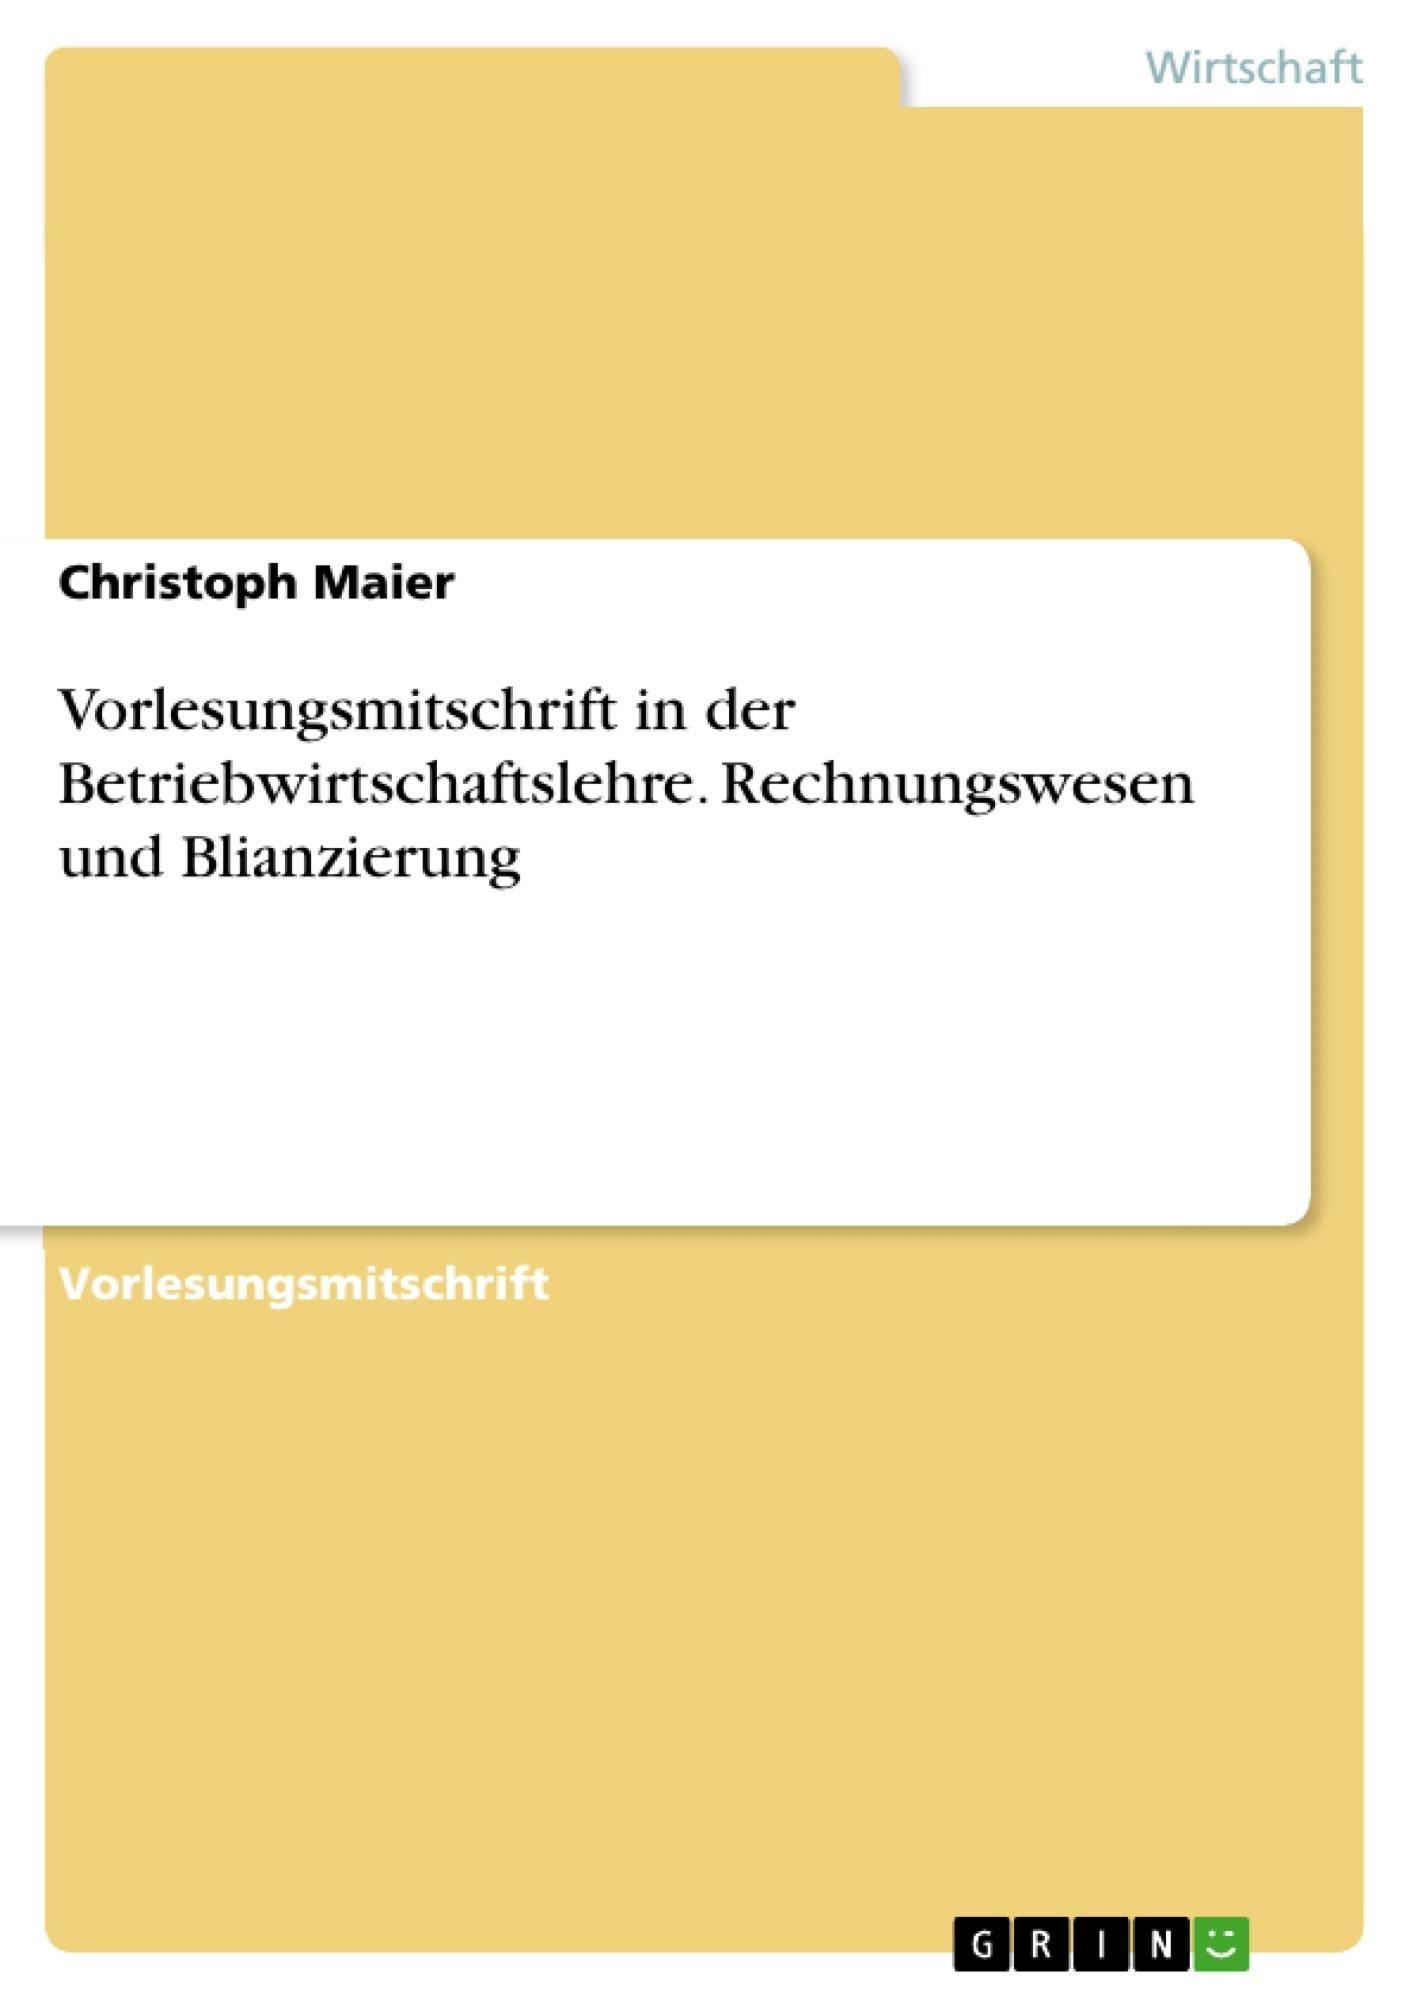 Titel: Vorlesungsmitschrift in der Betriebwirtschaftslehre. Rechnungswesen und Blianzierung